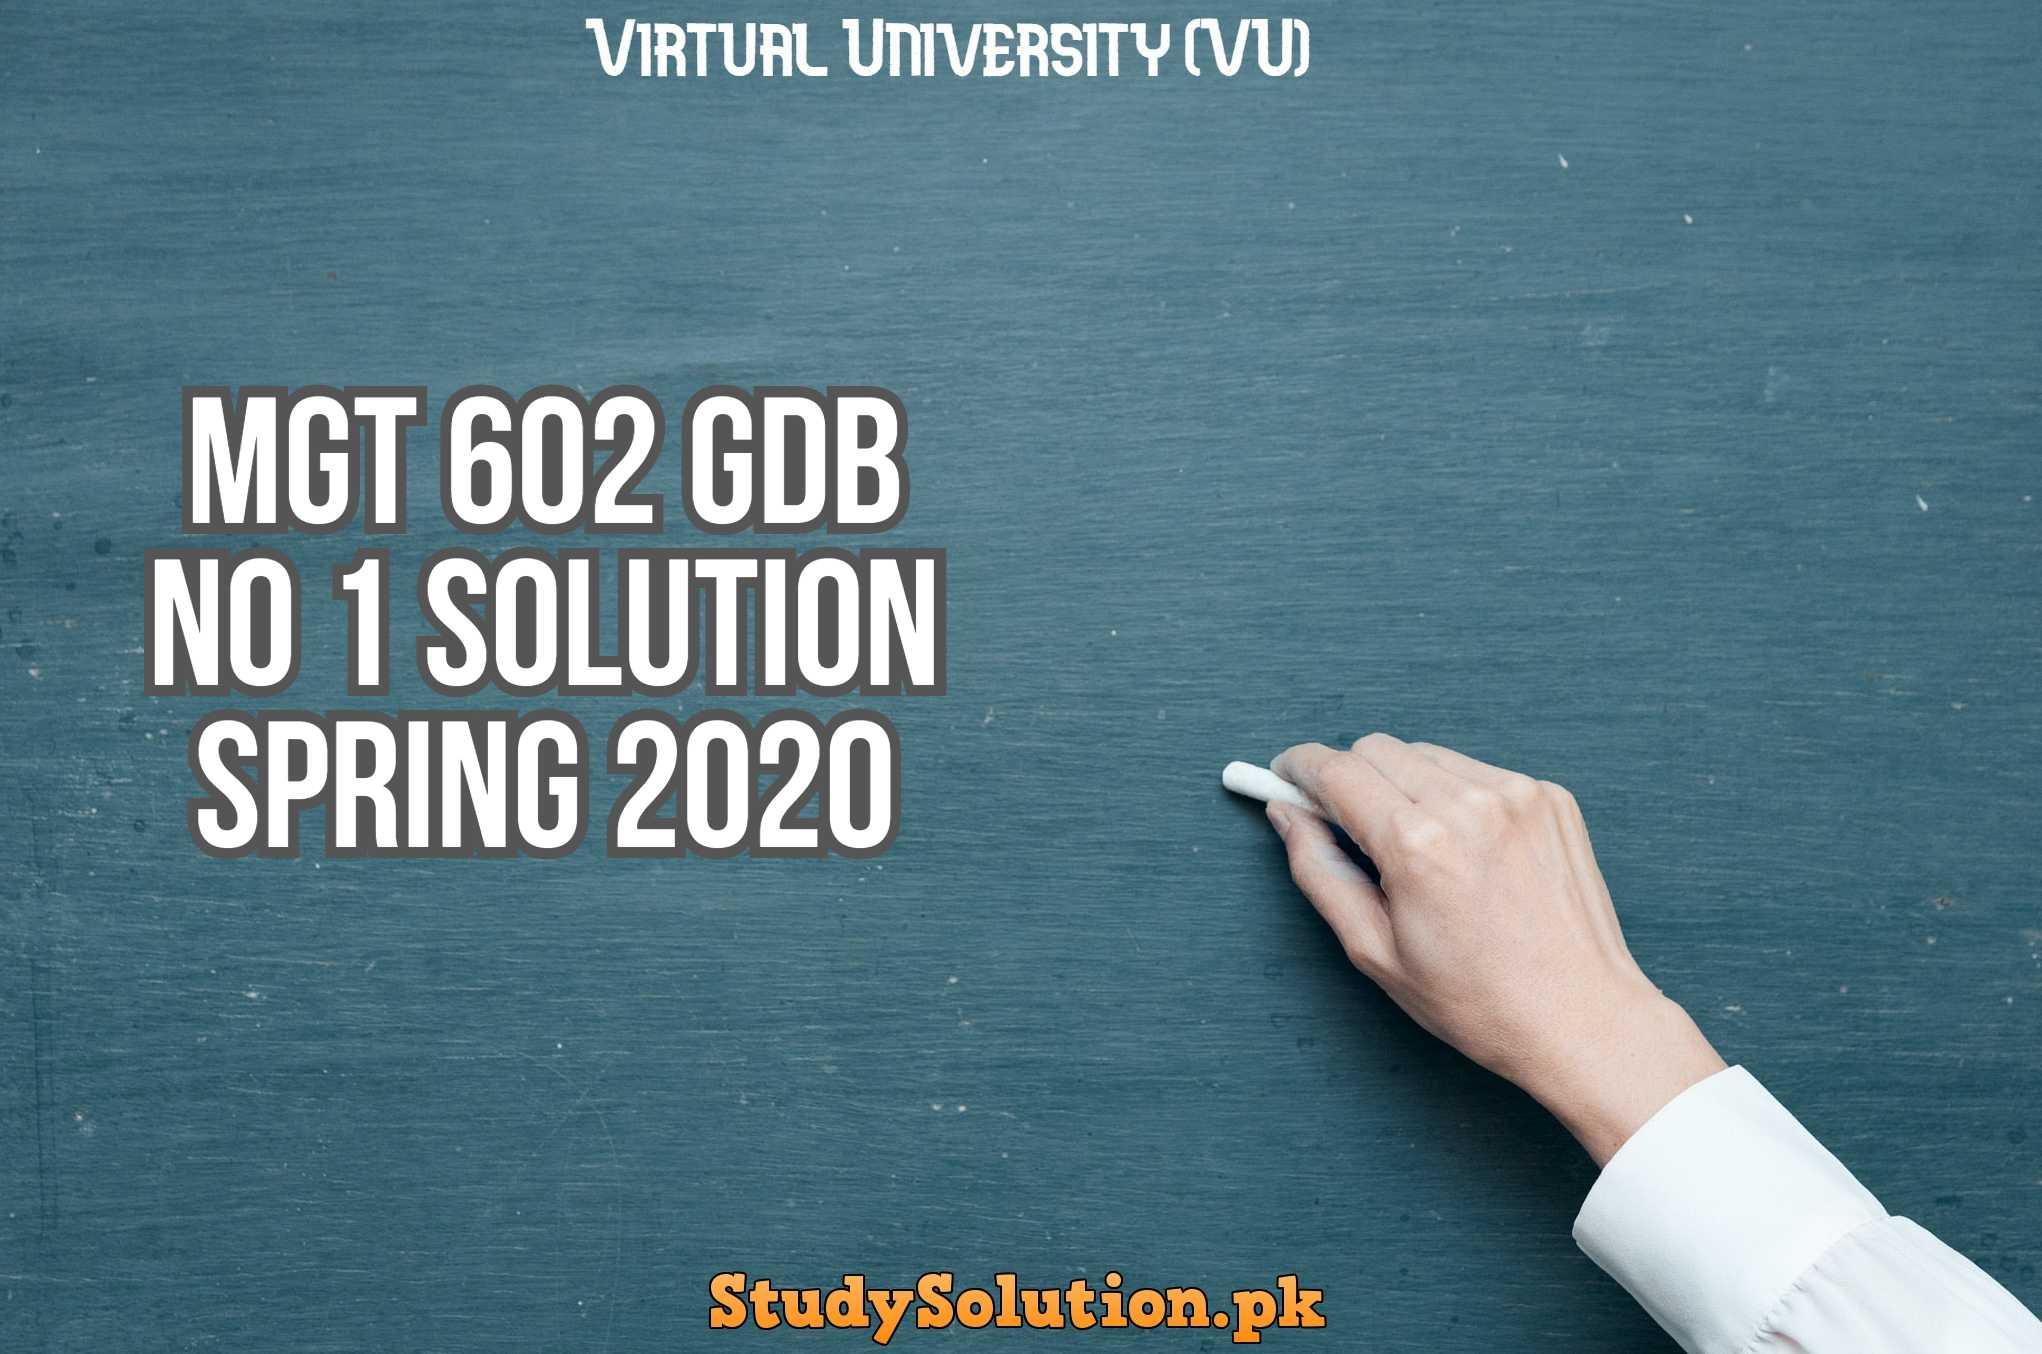 MGT 602 GDB No 1 Solution Spring 2020